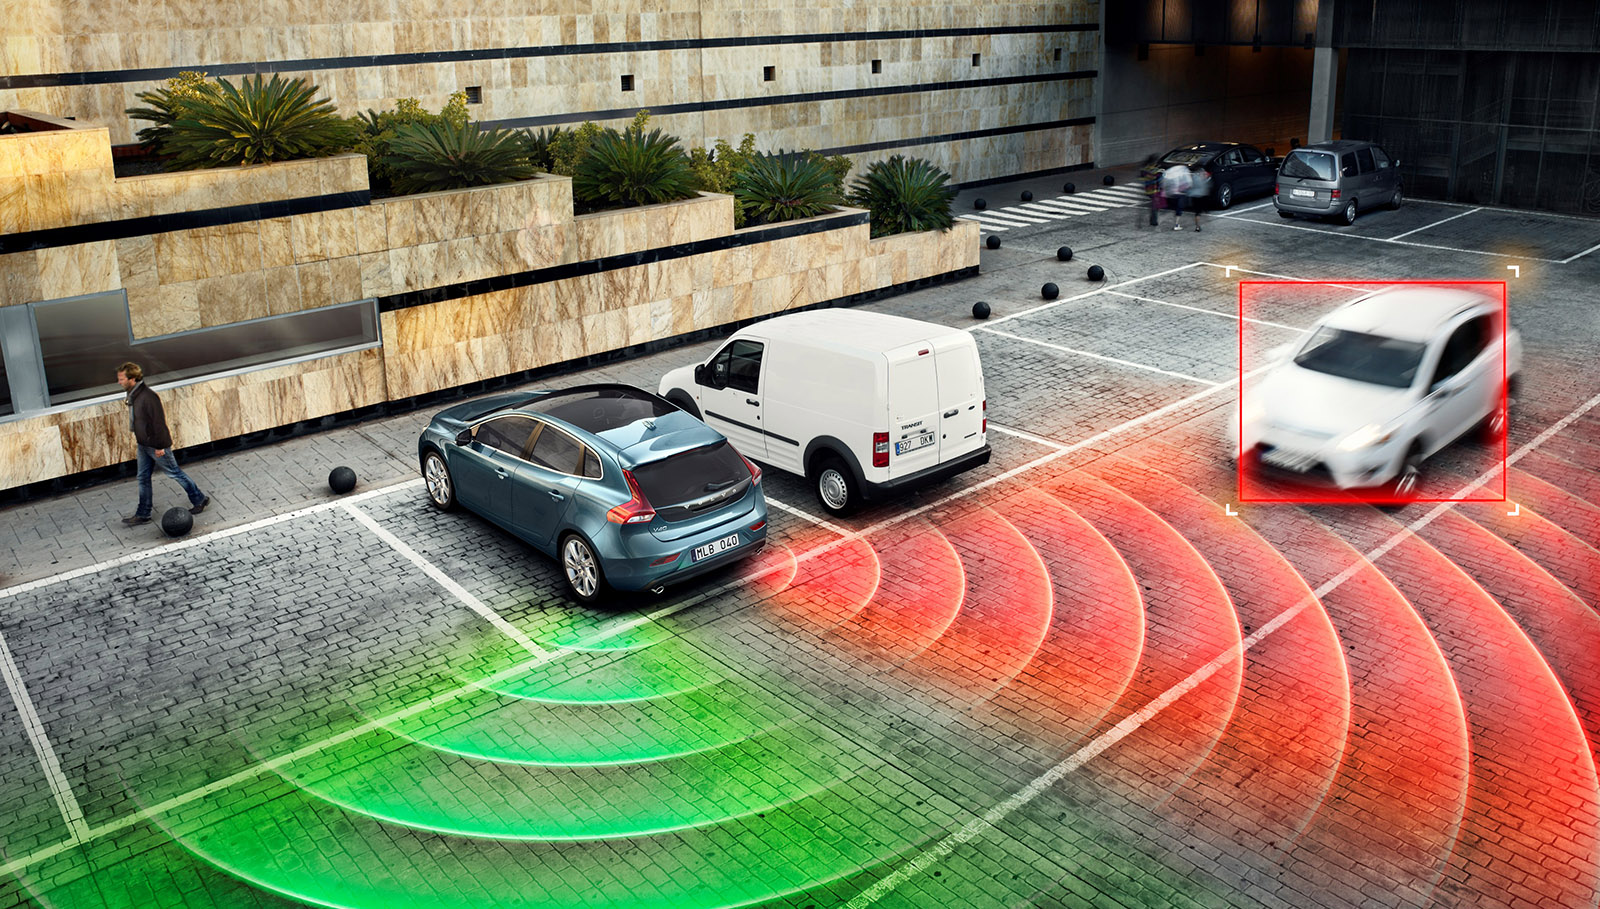 Este dispositivo de alerta de tráfico cruzado resulta especialmente útil al salir marcha atrás de un aparcamiento. Detecta a los vehículos que se acercan por el lateral.